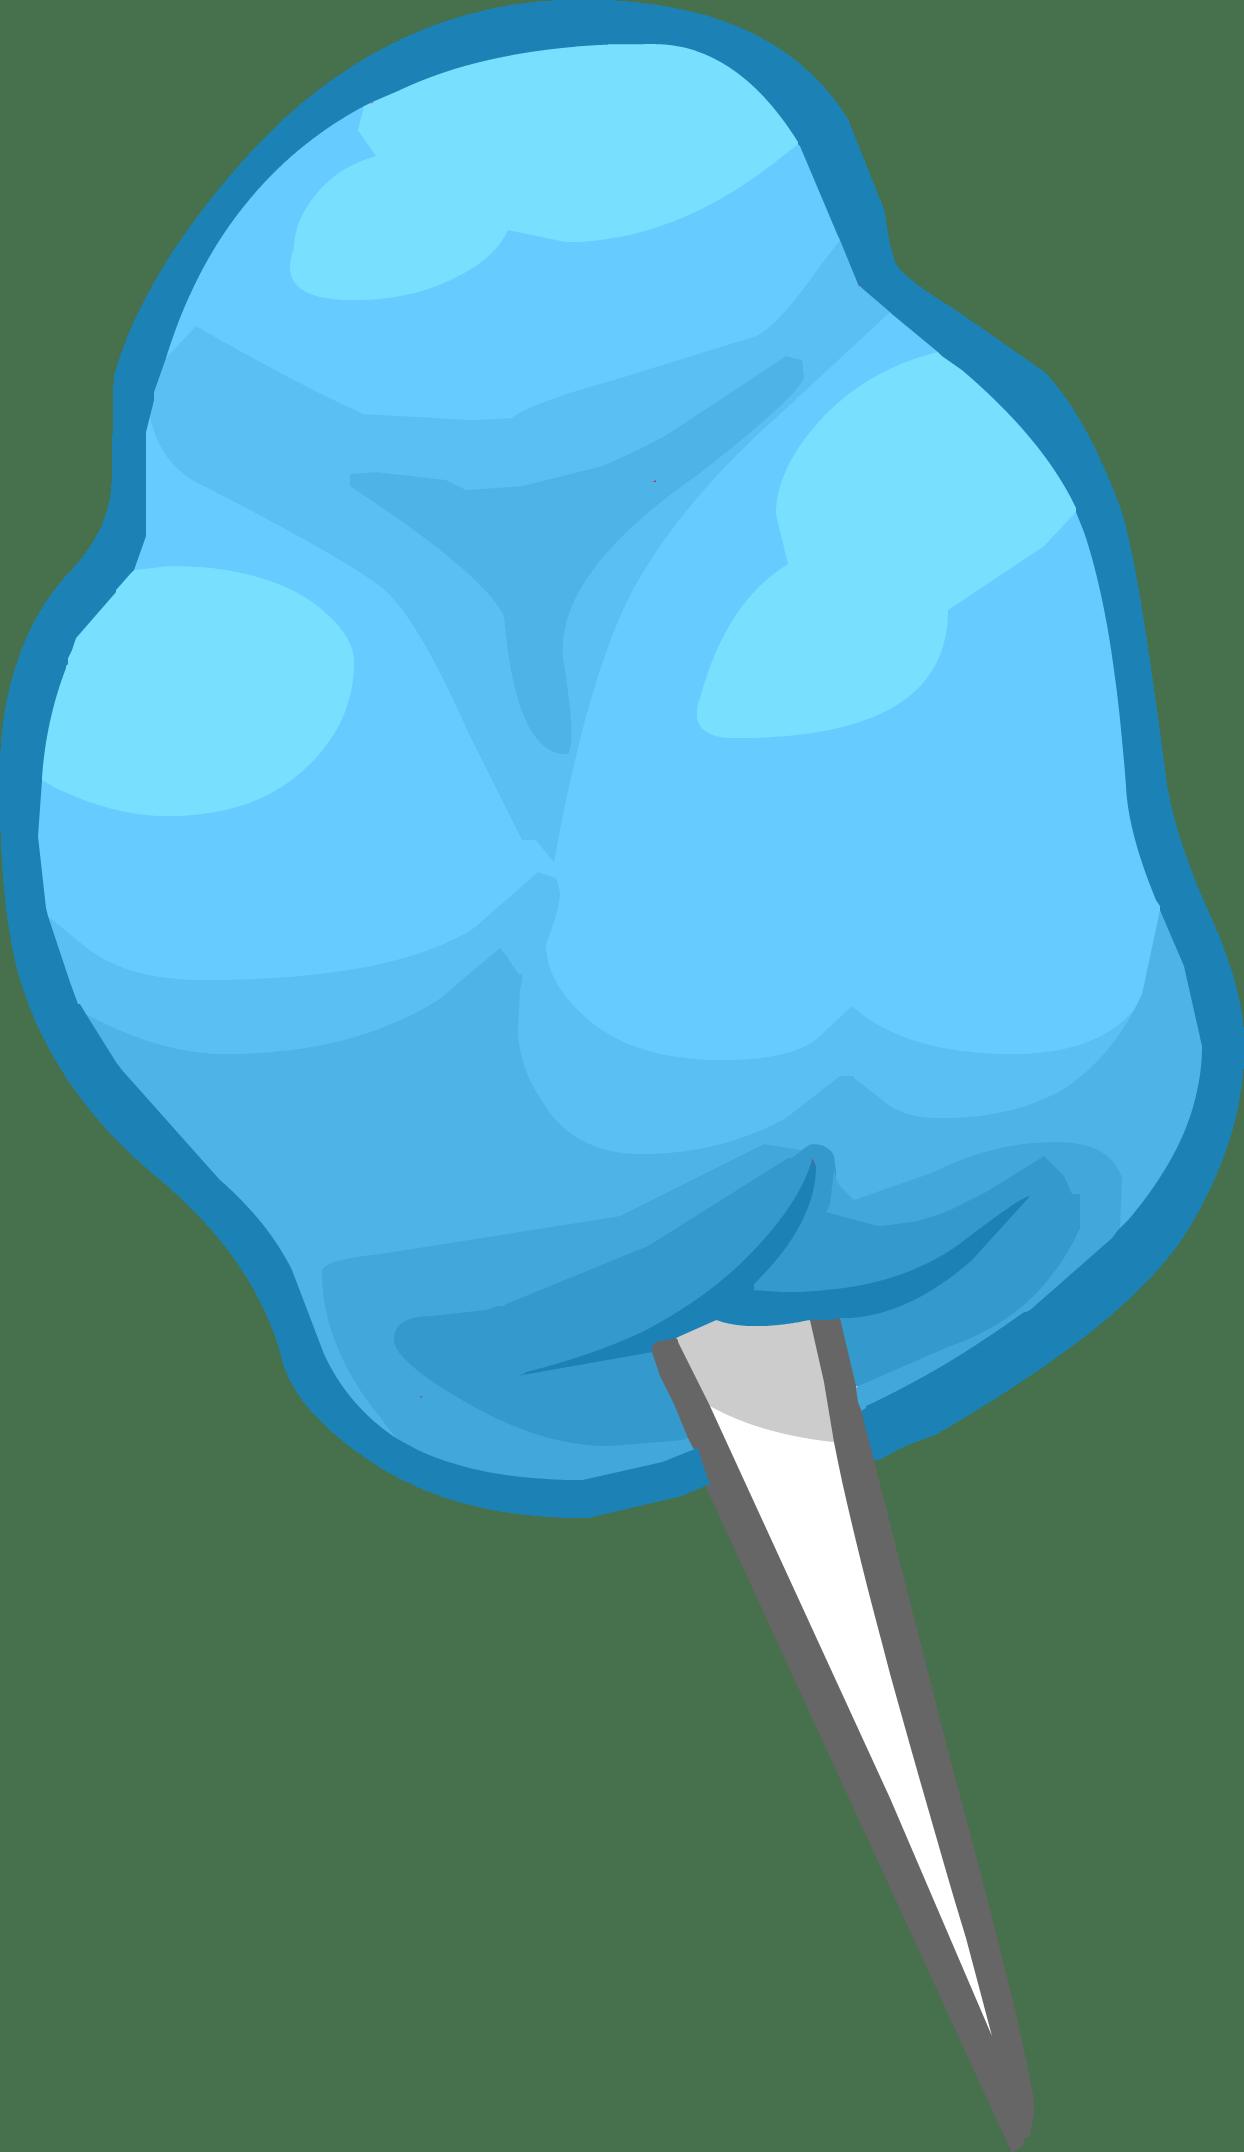 Lollipop clipart colourful. Blue cotton candy transparent